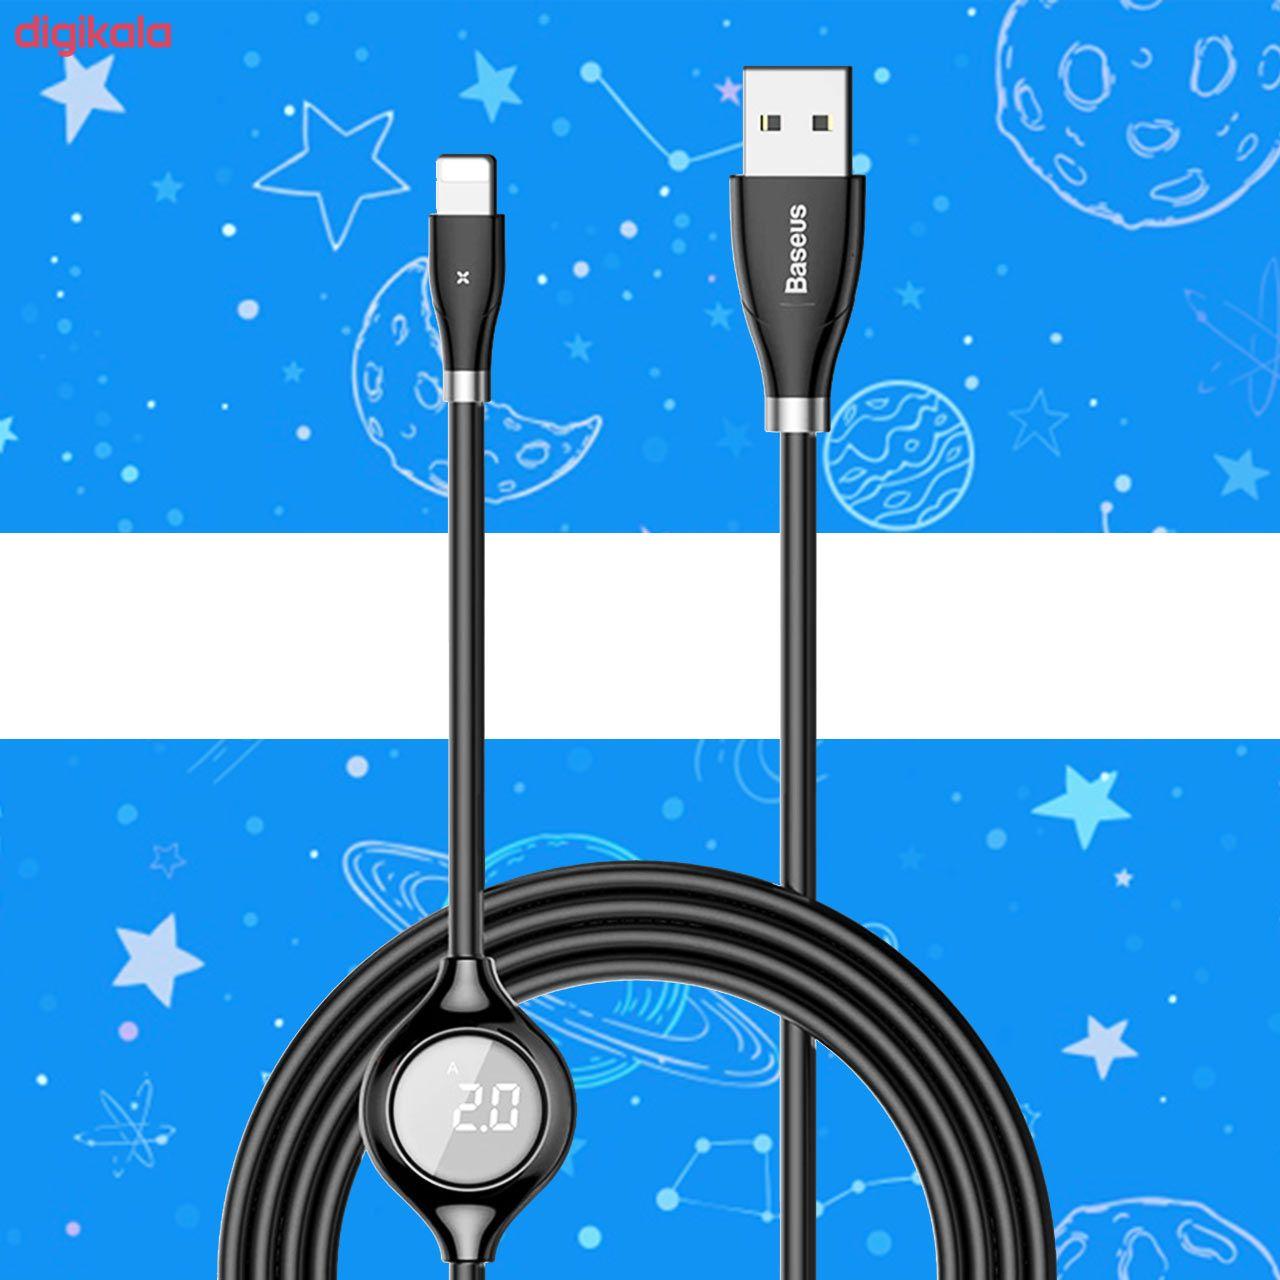 کابل تبدیل USB به لایتنینگ باسئوس مدل CALEYE طول 1.2 متر main 1 4